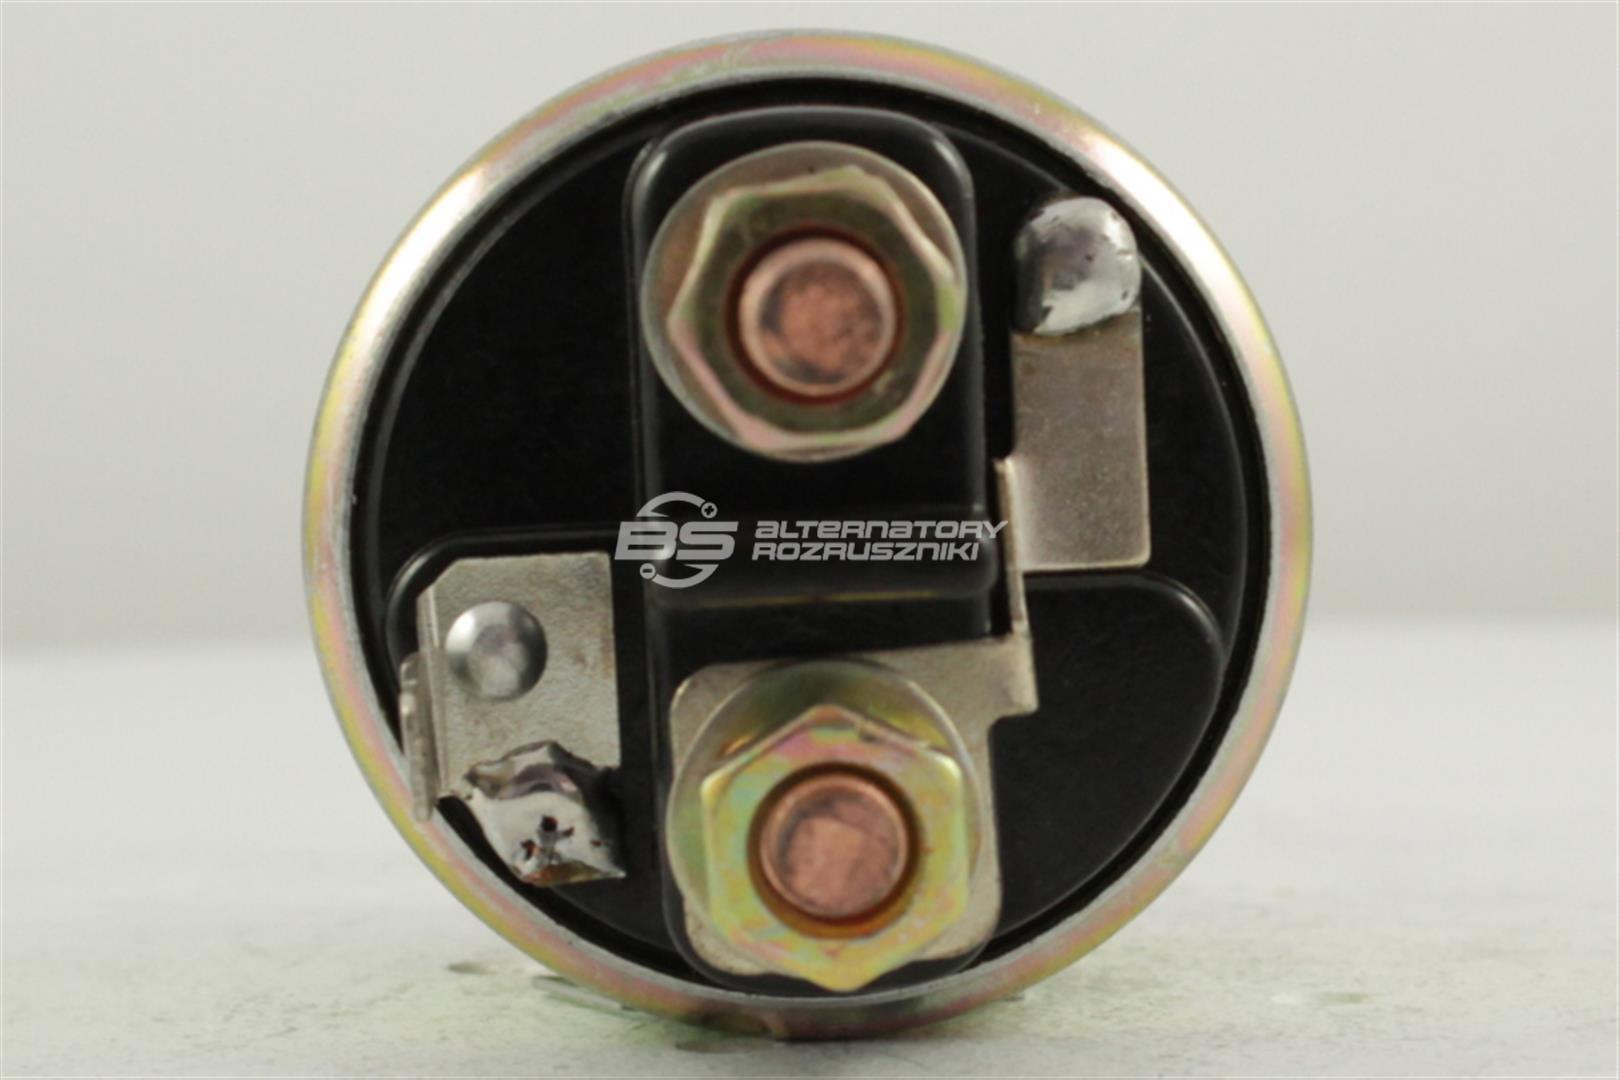 Automat IA9106 Włącznik elektromagnetyczny